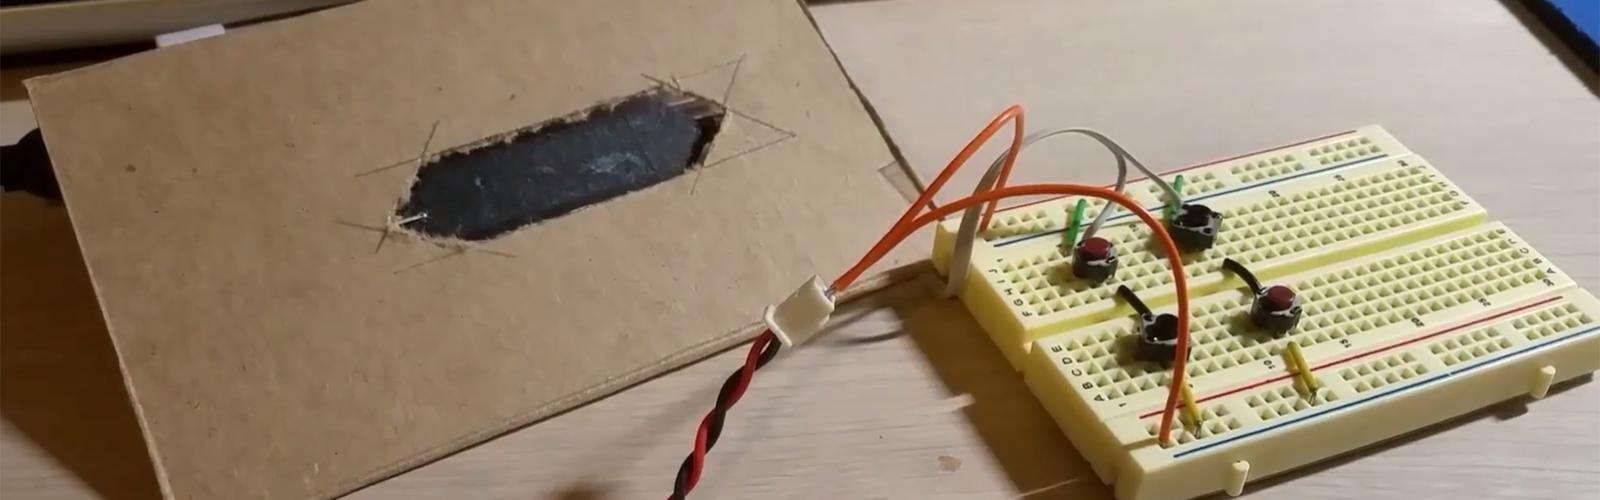 Towards DIY Flip Digit Clocks | Hackaday